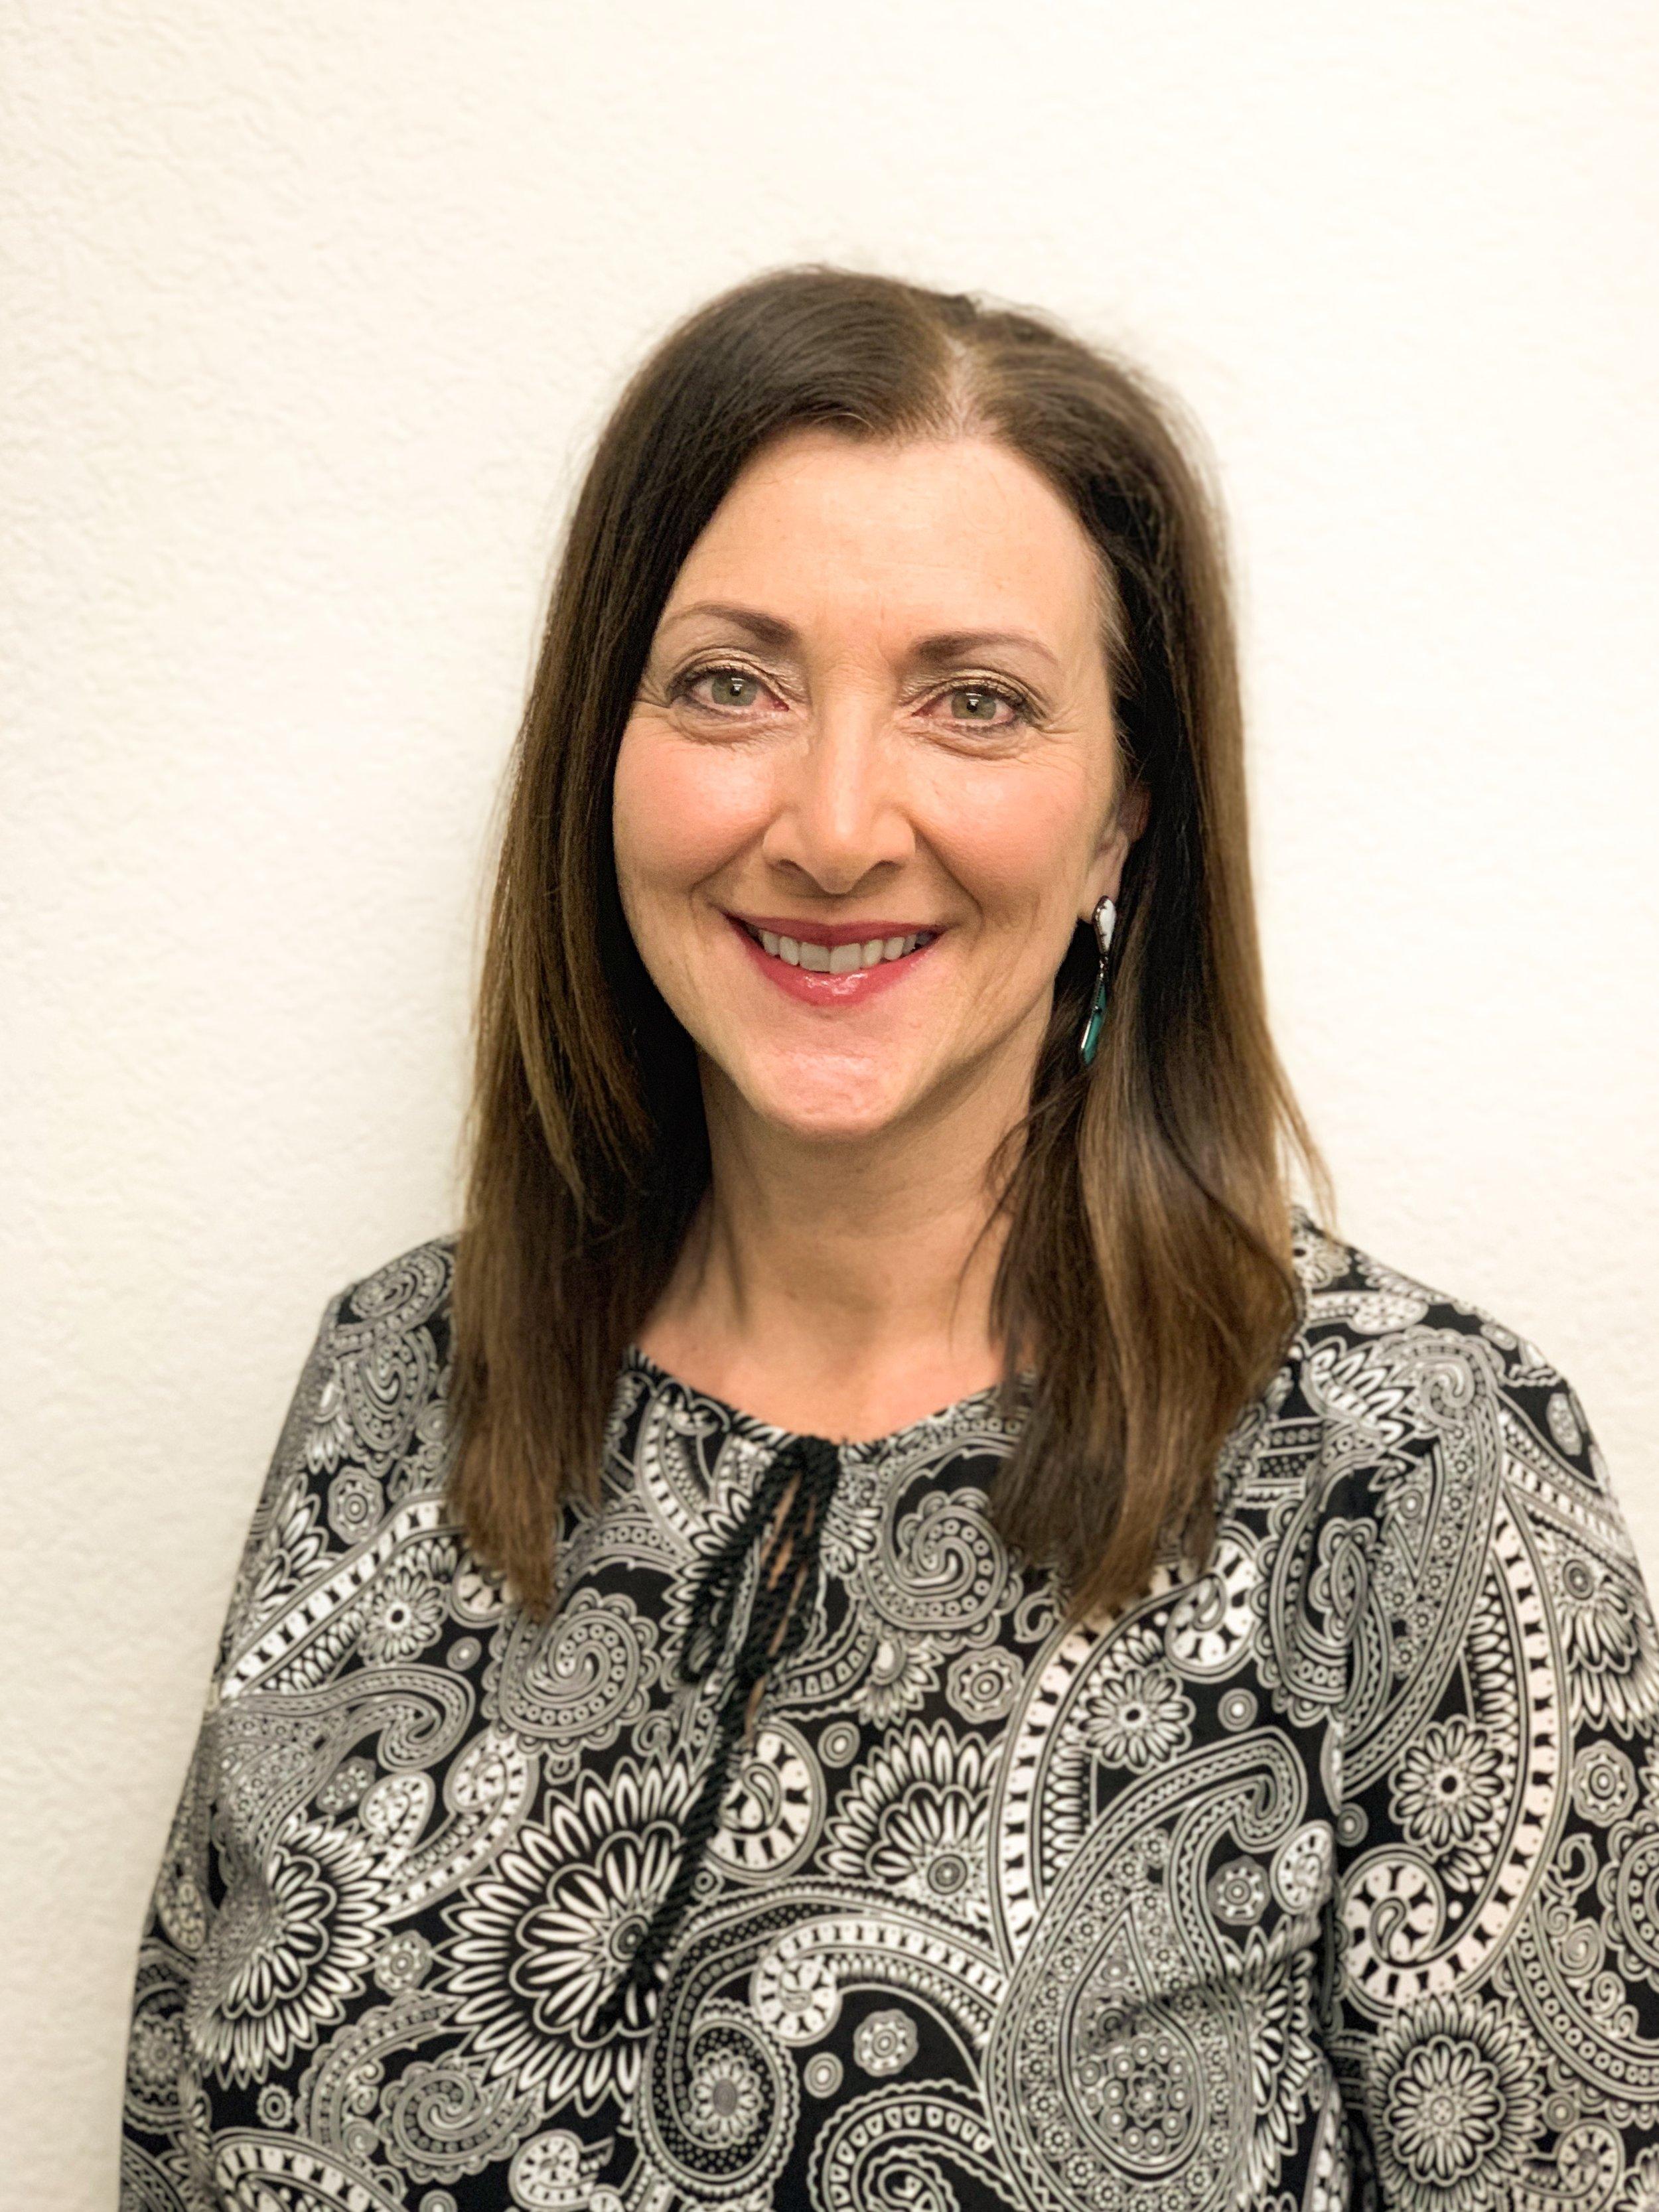 Angie Tyson - Treasurer